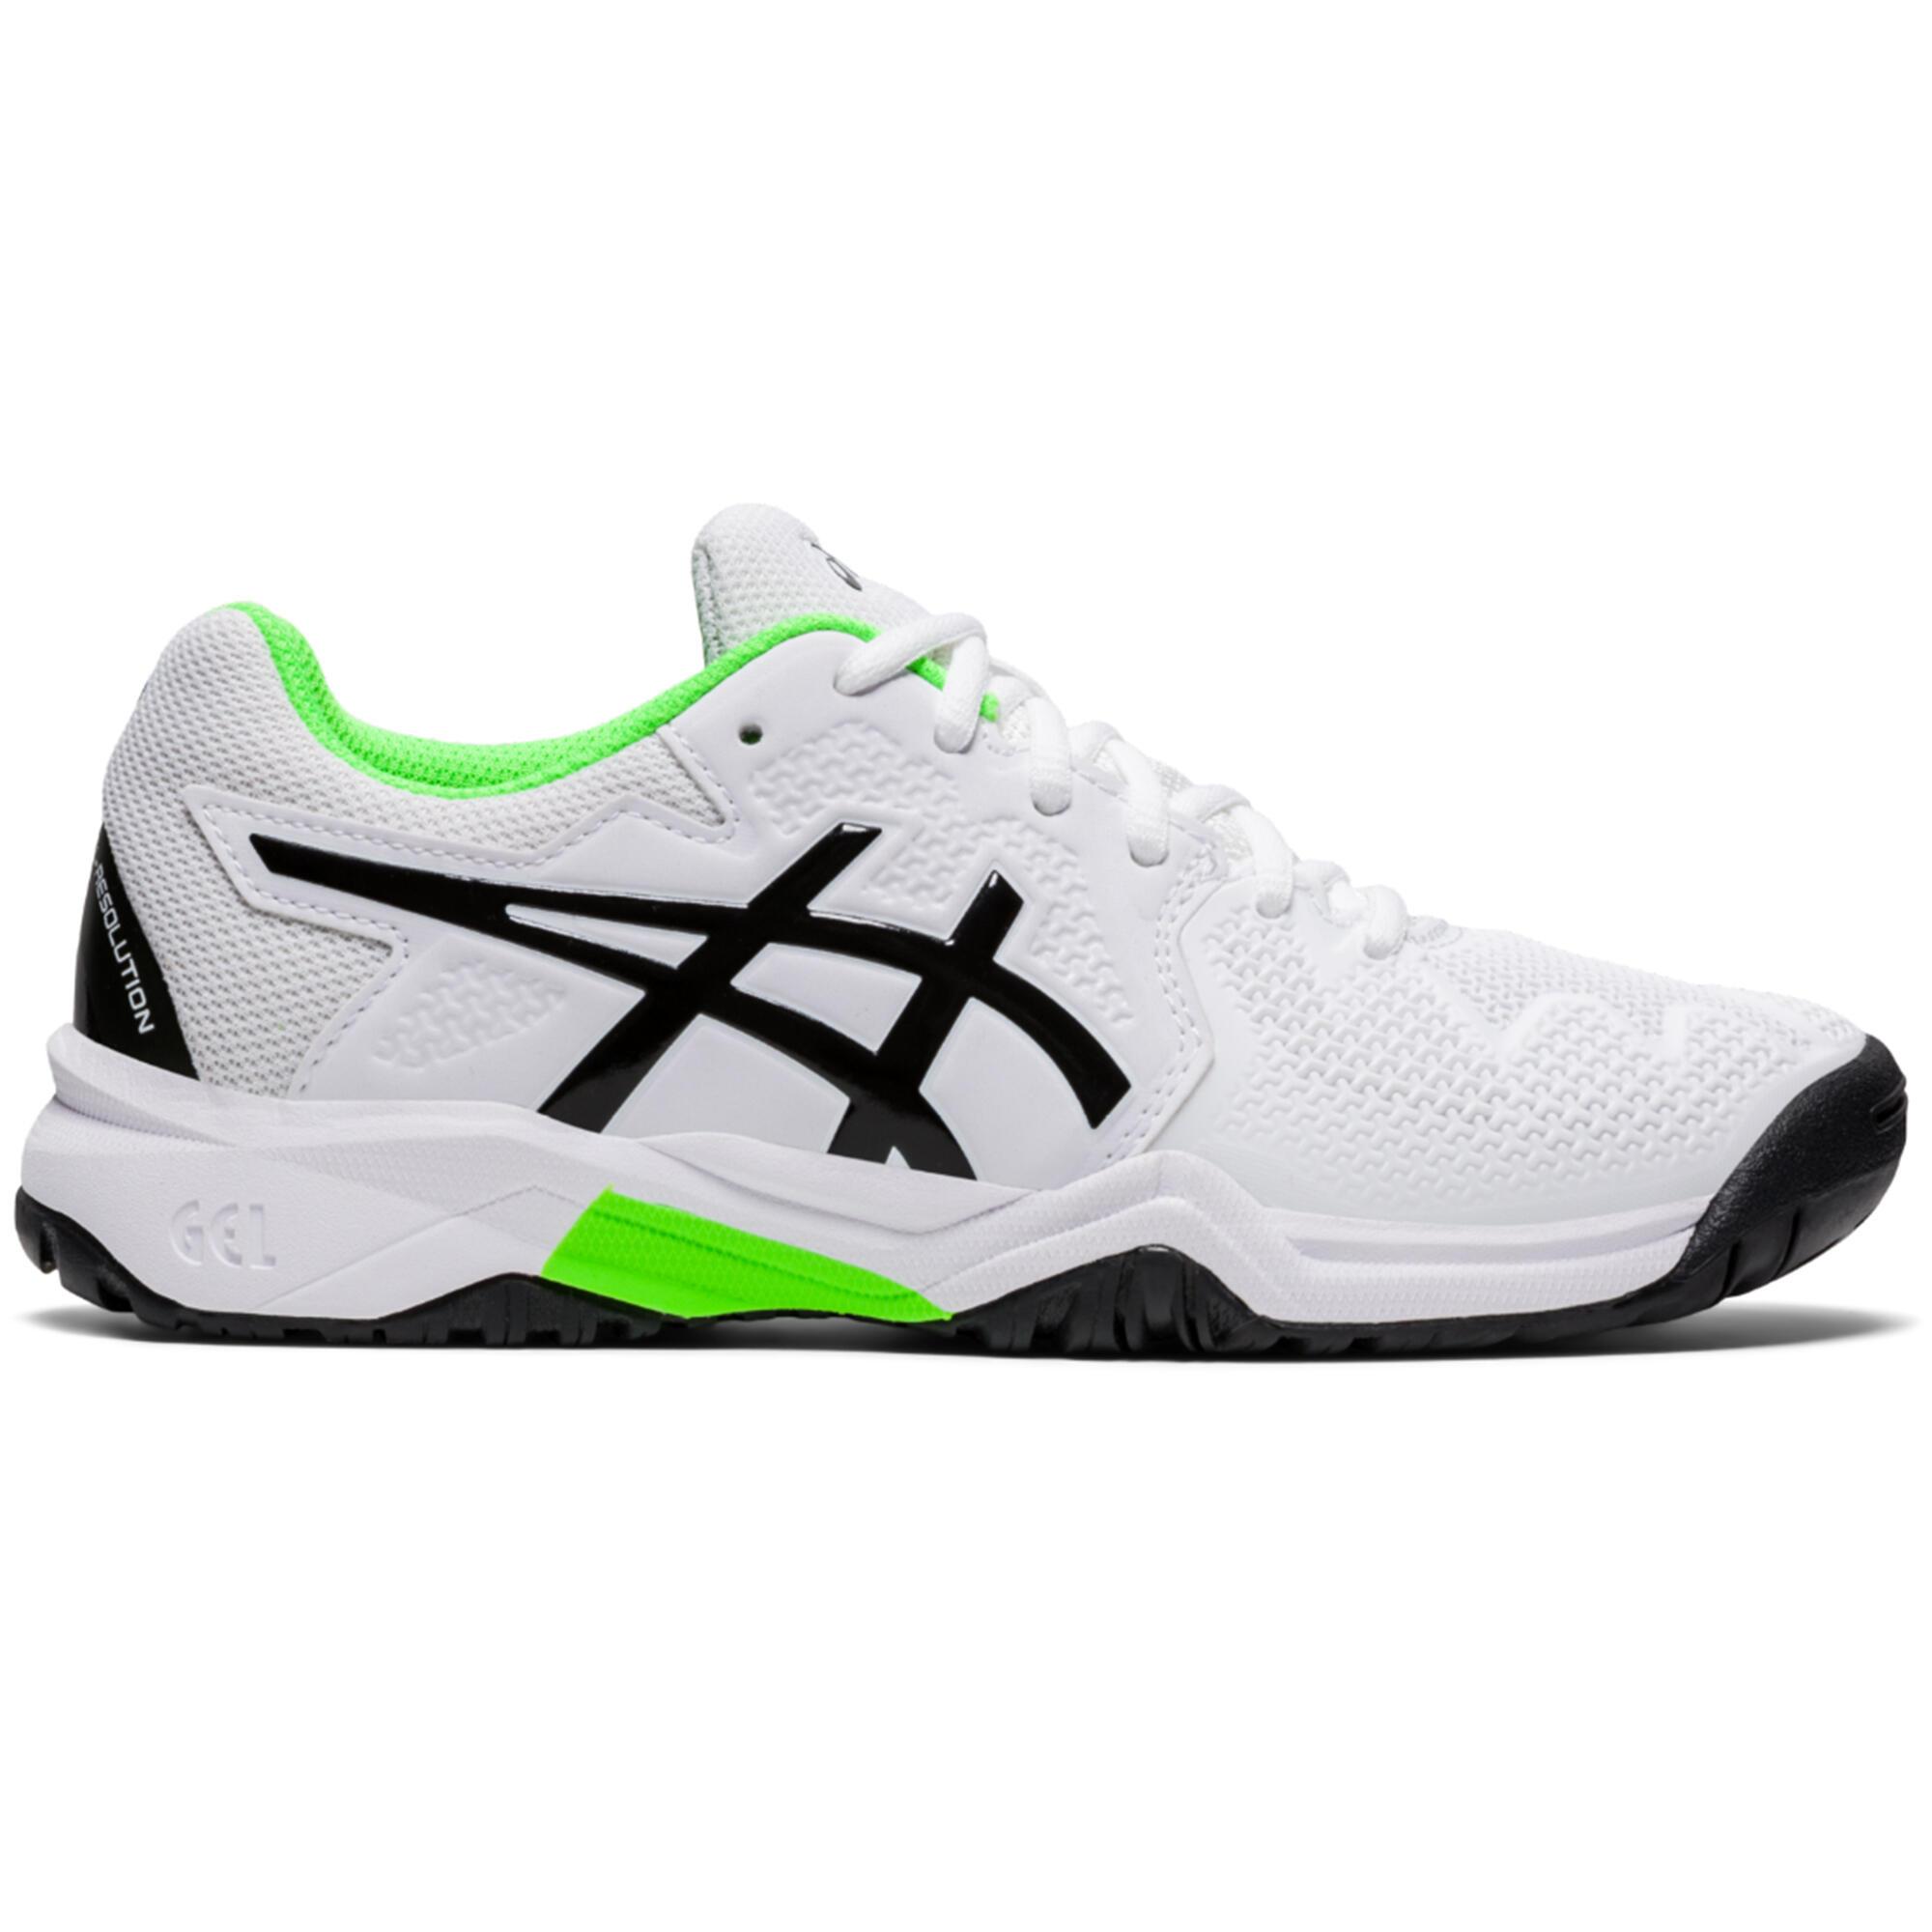 Chaussures de Tennis Enfant Asics | Decathlon